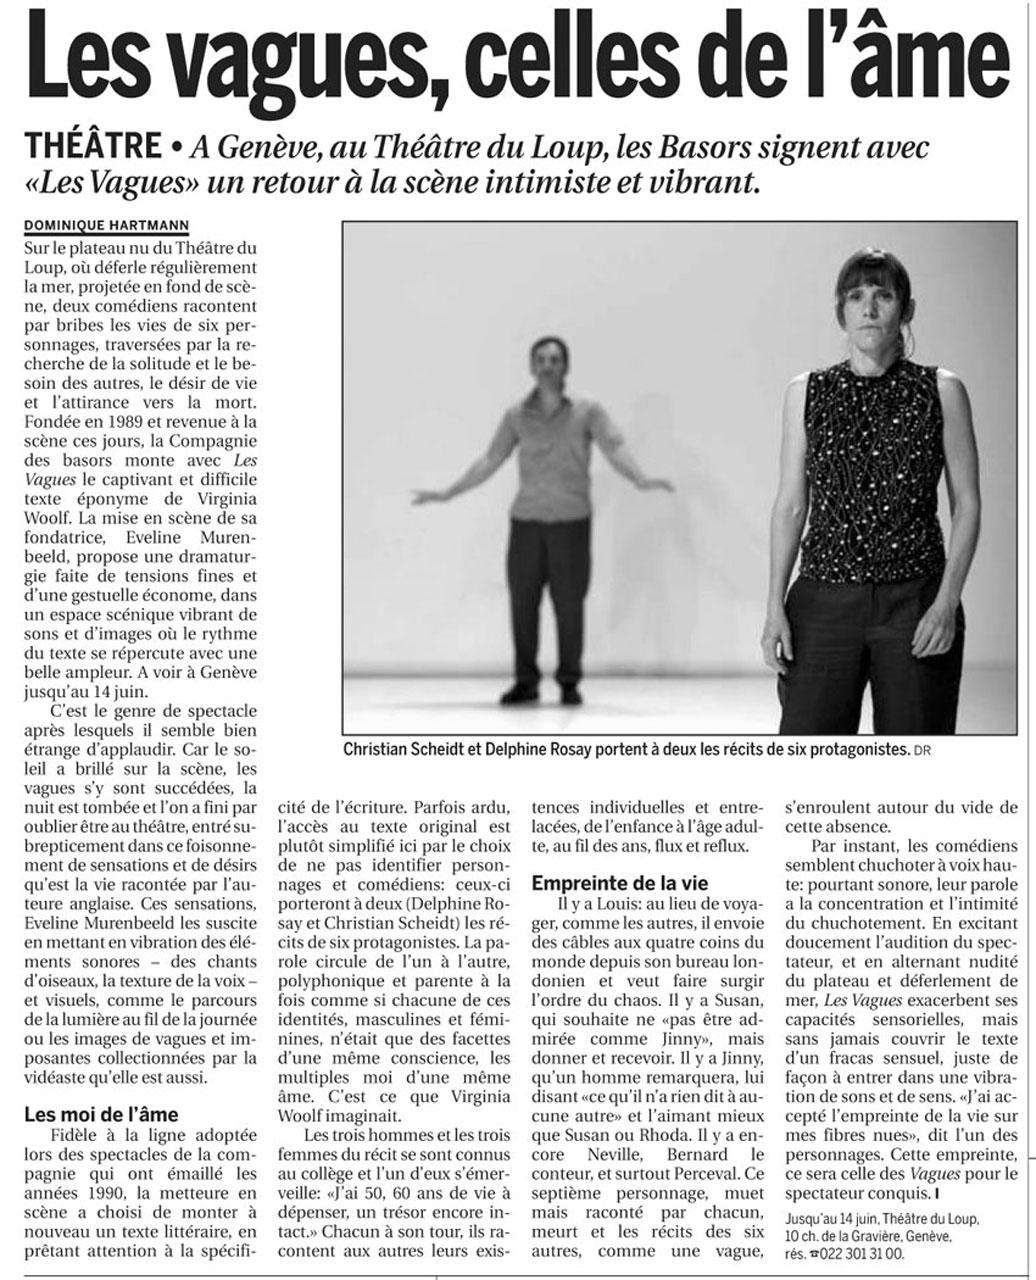 article_les_vagues_Le_Courrier